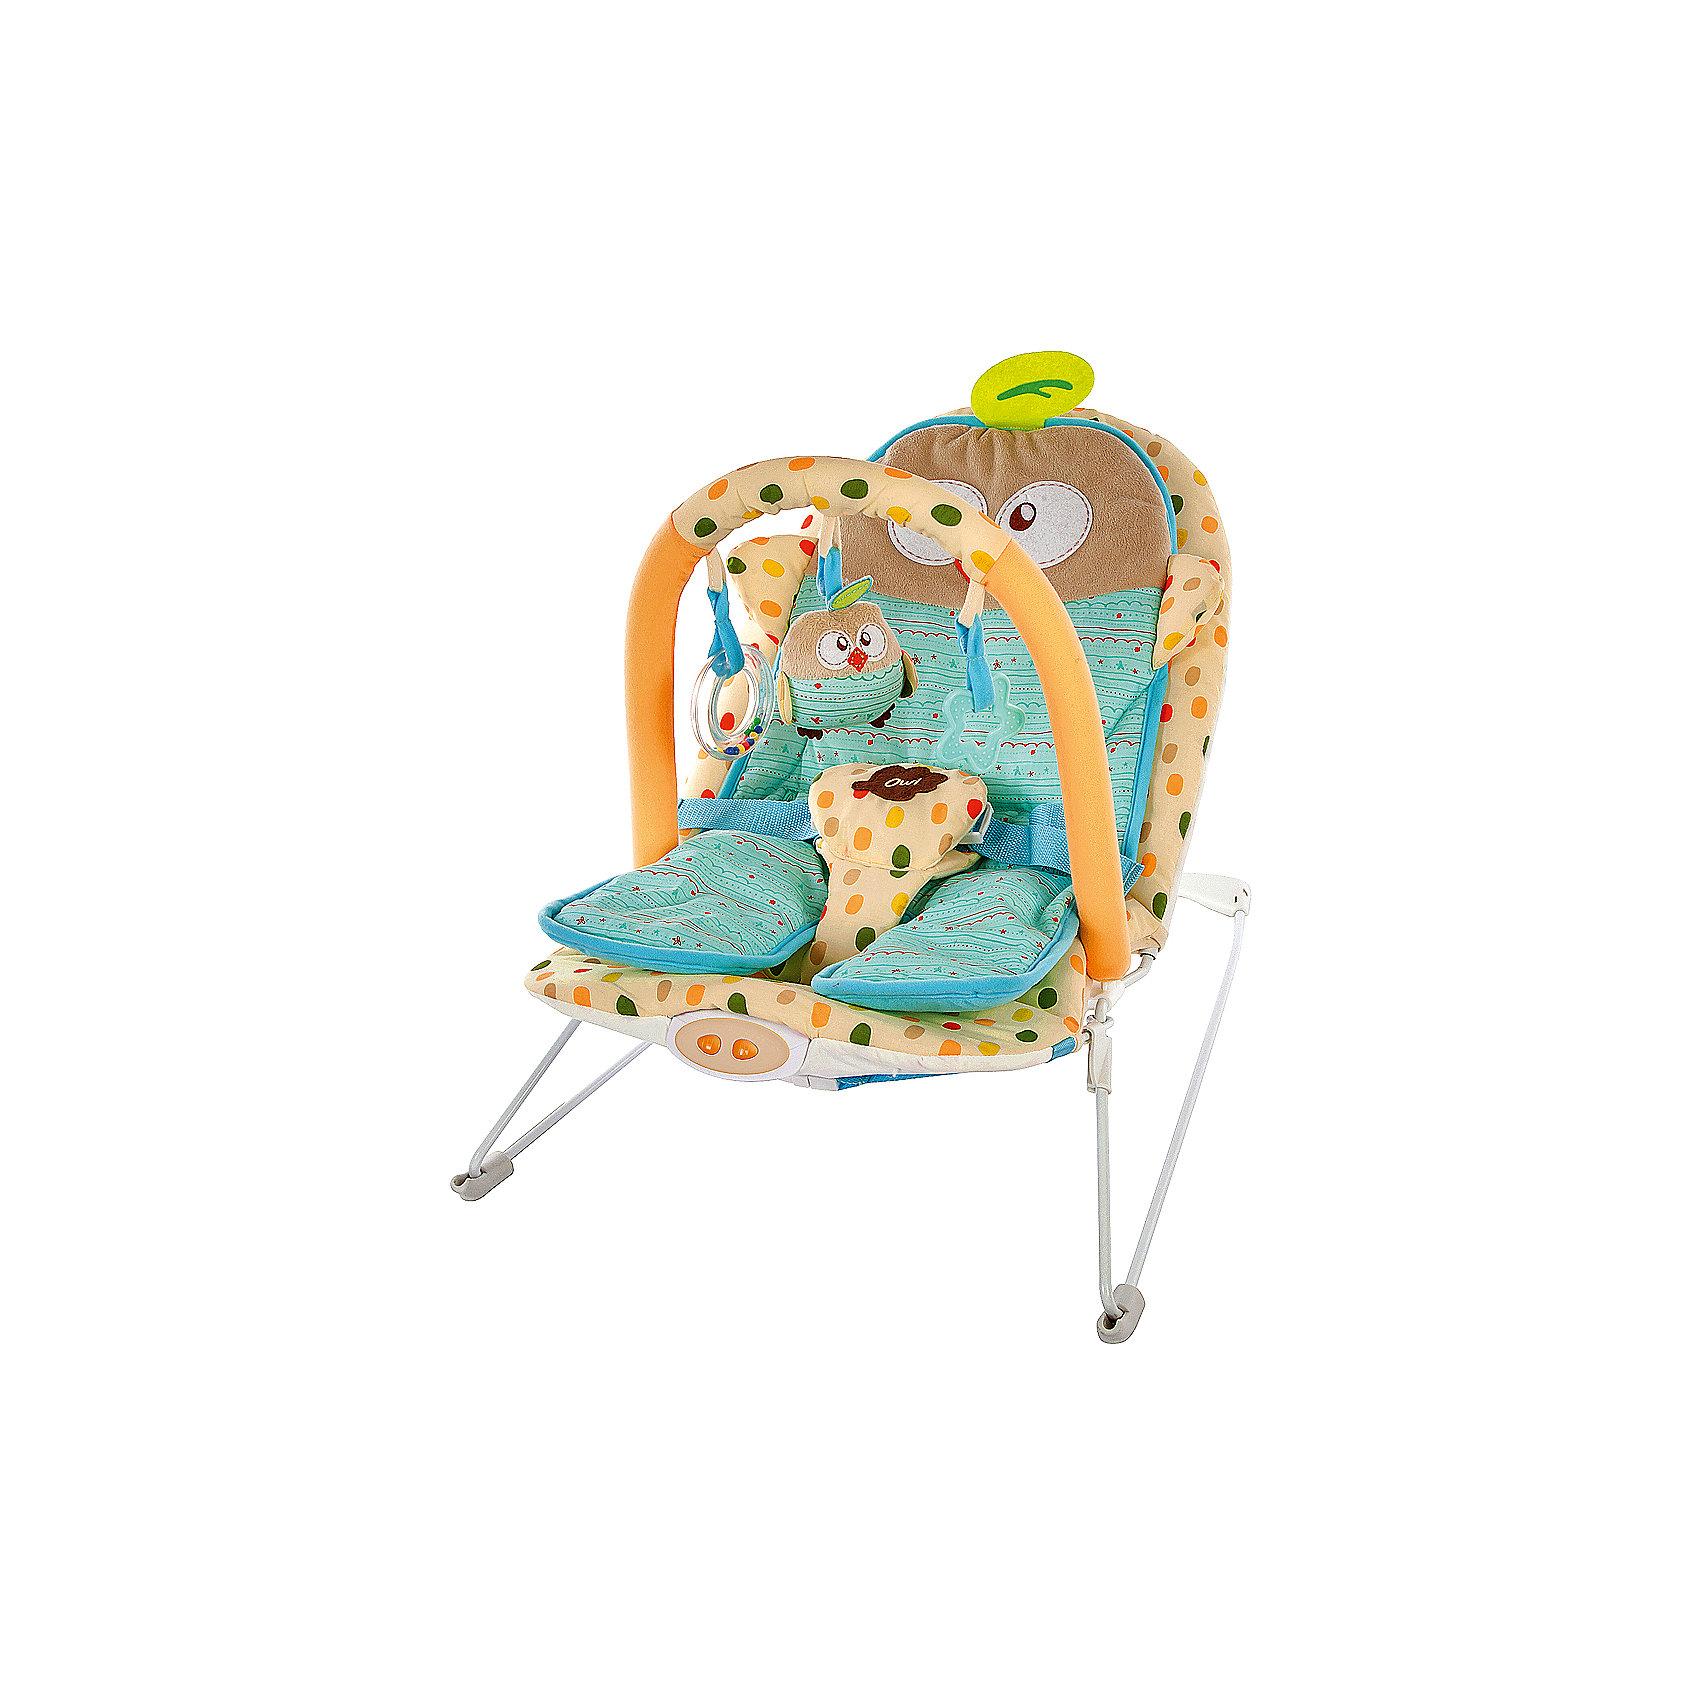 Кресло-качалка Жирафики Совёнок с  вибрацией и музыкойКресла-качалки<br>Характеристики:<br><br>• анатомическая вкладка;<br>• три подвесные игрушки;<br>• режим вибрации;<br>• встроенная музыка;<br>• трехточечный ремень безопасности;<br>• возраст: с рождения до года;<br>• материал: металл, пластик, текстиль;<br>• размер упаковки: 39х8х52 см;<br>• вес: 2,67 кг;<br>• страна бренда: Россия.<br><br>Кресло-качалка Совёнок успокоит и убаюкает маленького непоседу. Кресло имеет анатомическую вкладку, выполненную в виде очаровательного совенка. Оно повторяет строение тела малыша и правильно распределяет нагрузку на спину, обеспечивая здоровый и комфортный сон.<br><br>Кресло оснащено режимом вибрации и функцией включения мелодий. Прослушивая музыку и плавно покачиваясь в кресле, малыш быстро успокоится и заснет.<br><br>Для безопасности малыша предусмотрены трехточечные ремни безопасности.<br><br>Дуга имеет 3 подвесные игрушки, которые малыш сможет рассматривать и хватать, развивая цветовое восприятие, мелкую моторику и хватательный рефлекс.<br><br>Кресло-качалку Совёнок с анатомической вкладкой, 3-мя игрушками, вибрацией и музыкой, Жирафики можно купить в нашем интернет-магазине.<br><br>Ширина мм: 520<br>Глубина мм: 80<br>Высота мм: 390<br>Вес г: 2667<br>Возраст от месяцев: -2147483648<br>Возраст до месяцев: 2147483647<br>Пол: Унисекс<br>Возраст: Детский<br>SKU: 6846901